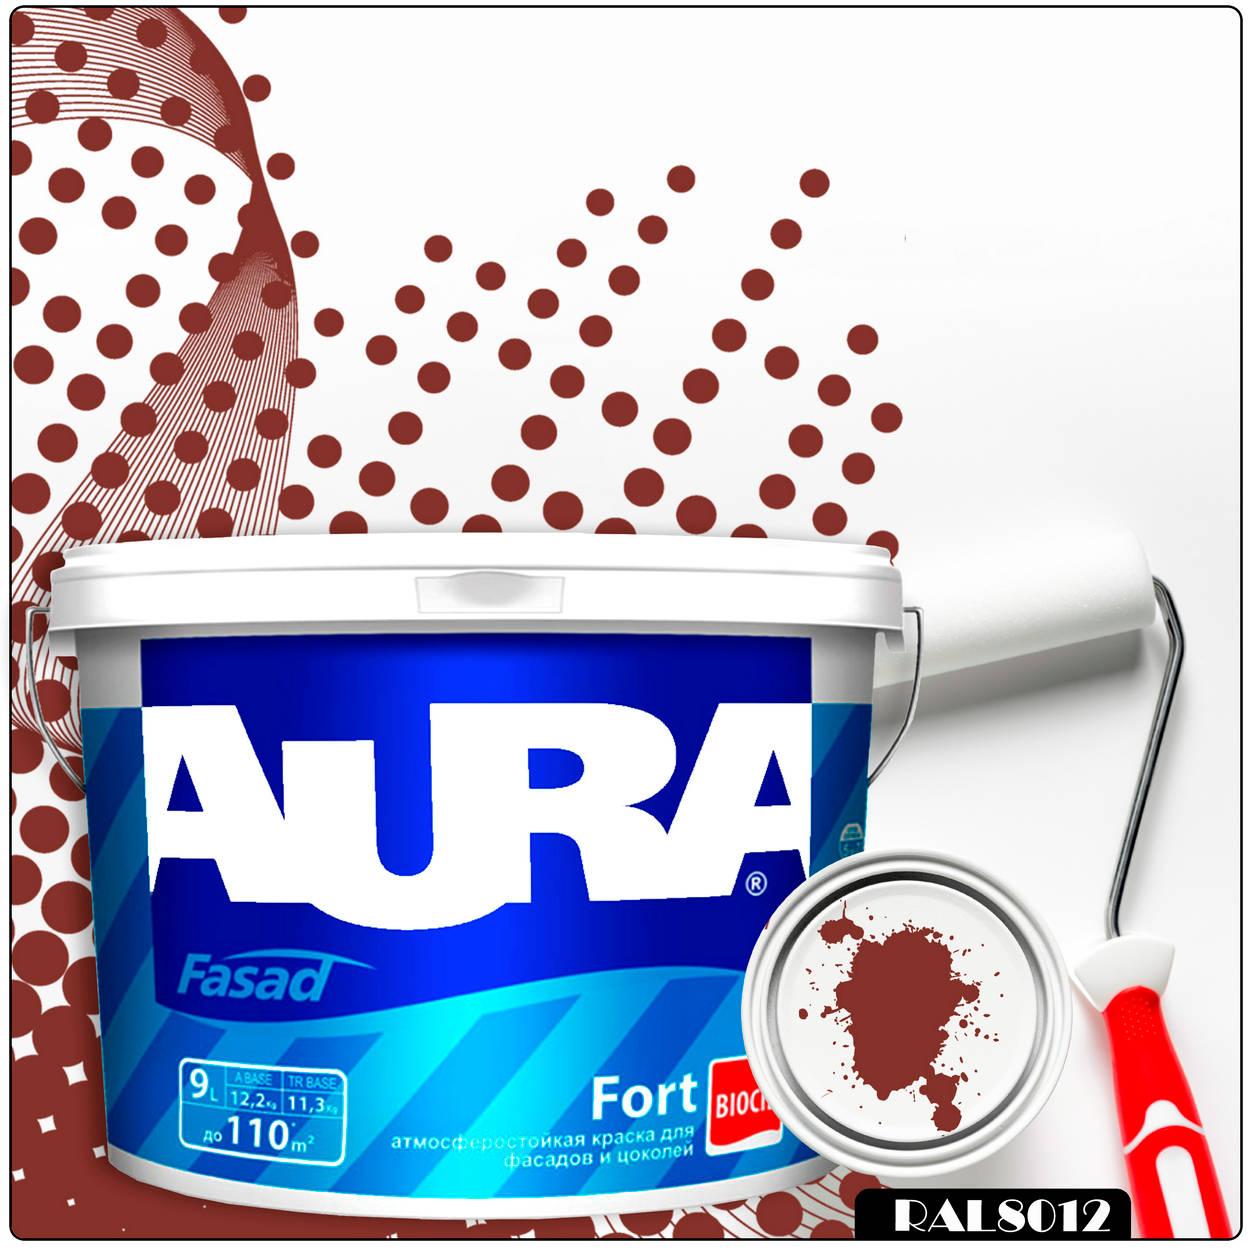 Фото 8 - Краска Aura Fasad Fort, RAL 8012 Красно-коричневый, латексная, матовая, для фасада и цоколей, 9л, Аура.